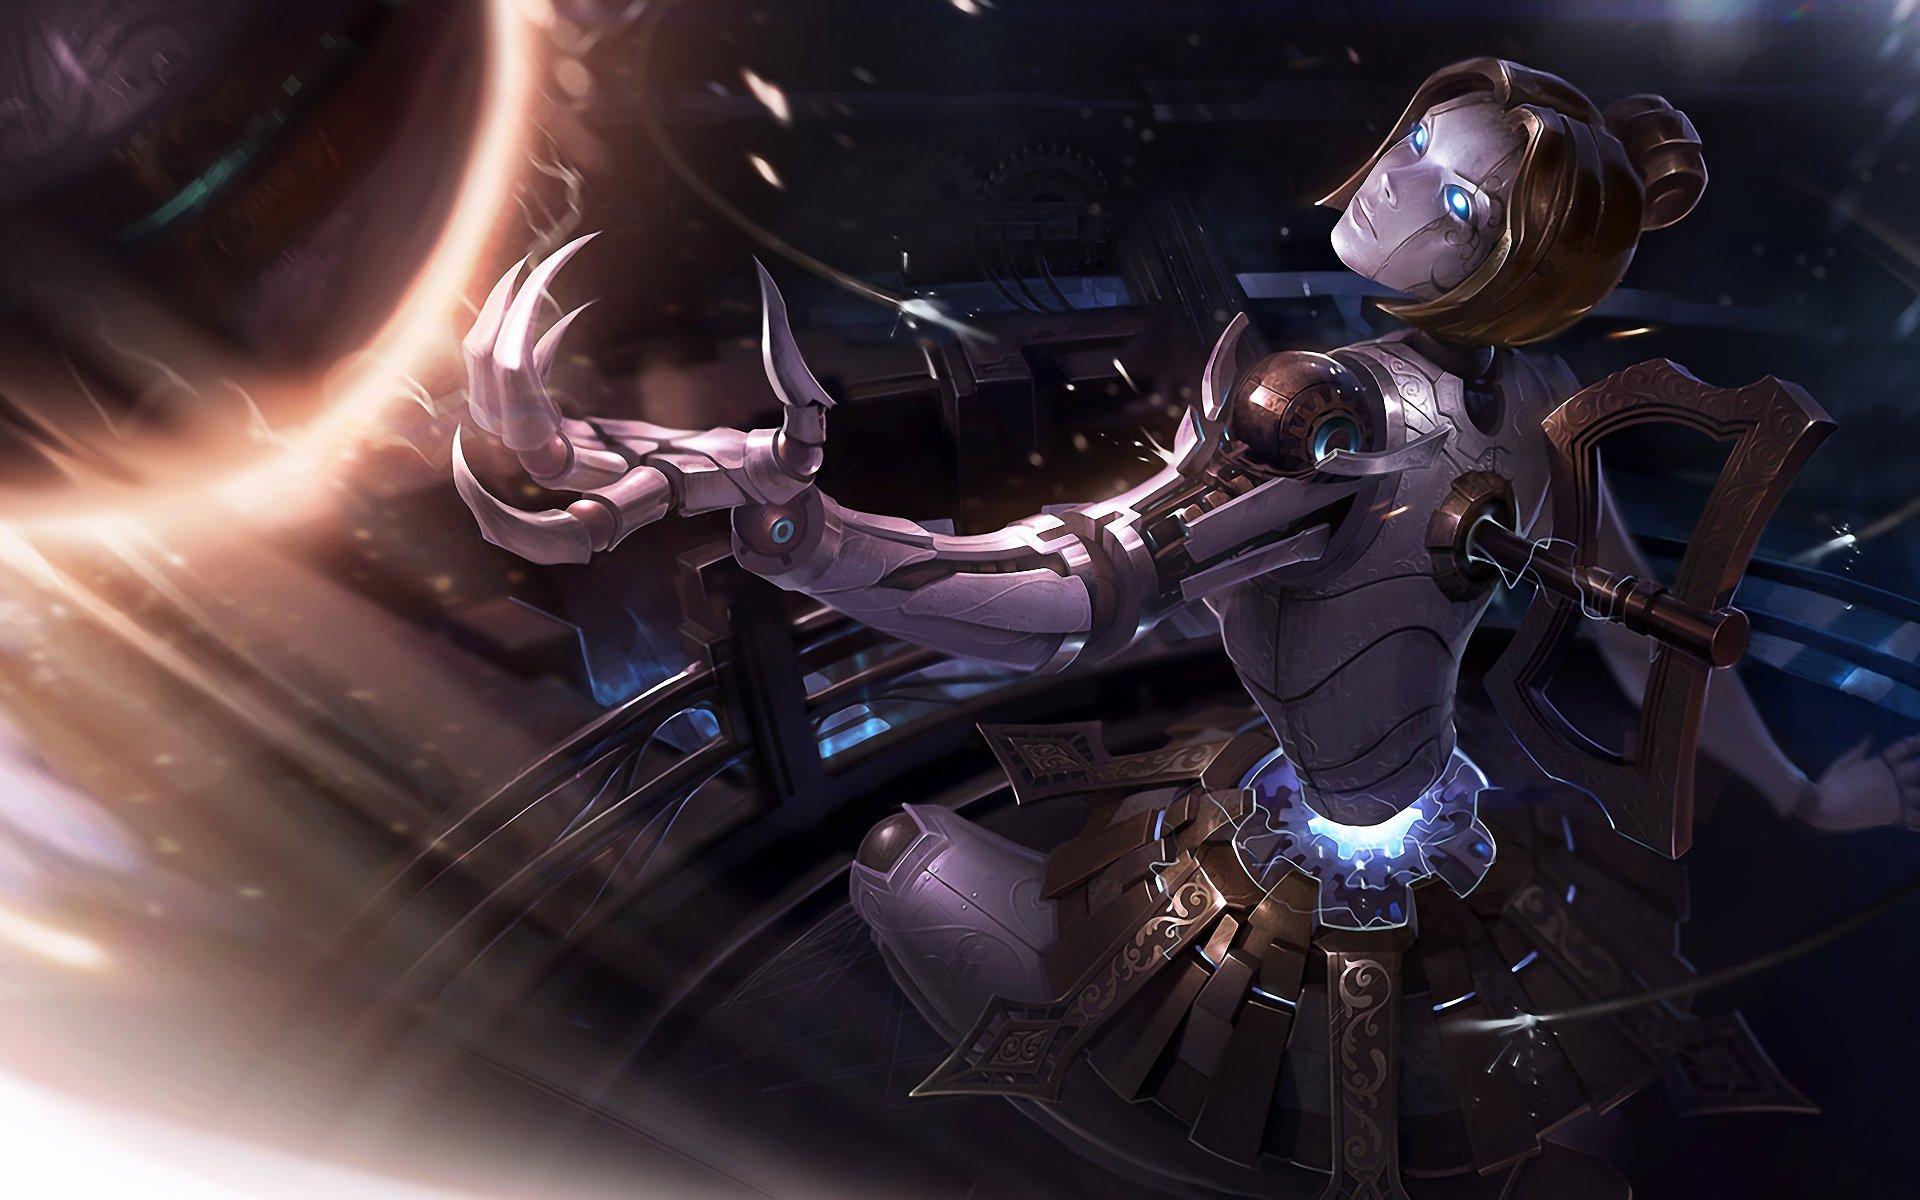 Hình ảnh tướng Orianna trong game liên minh full hd số 9